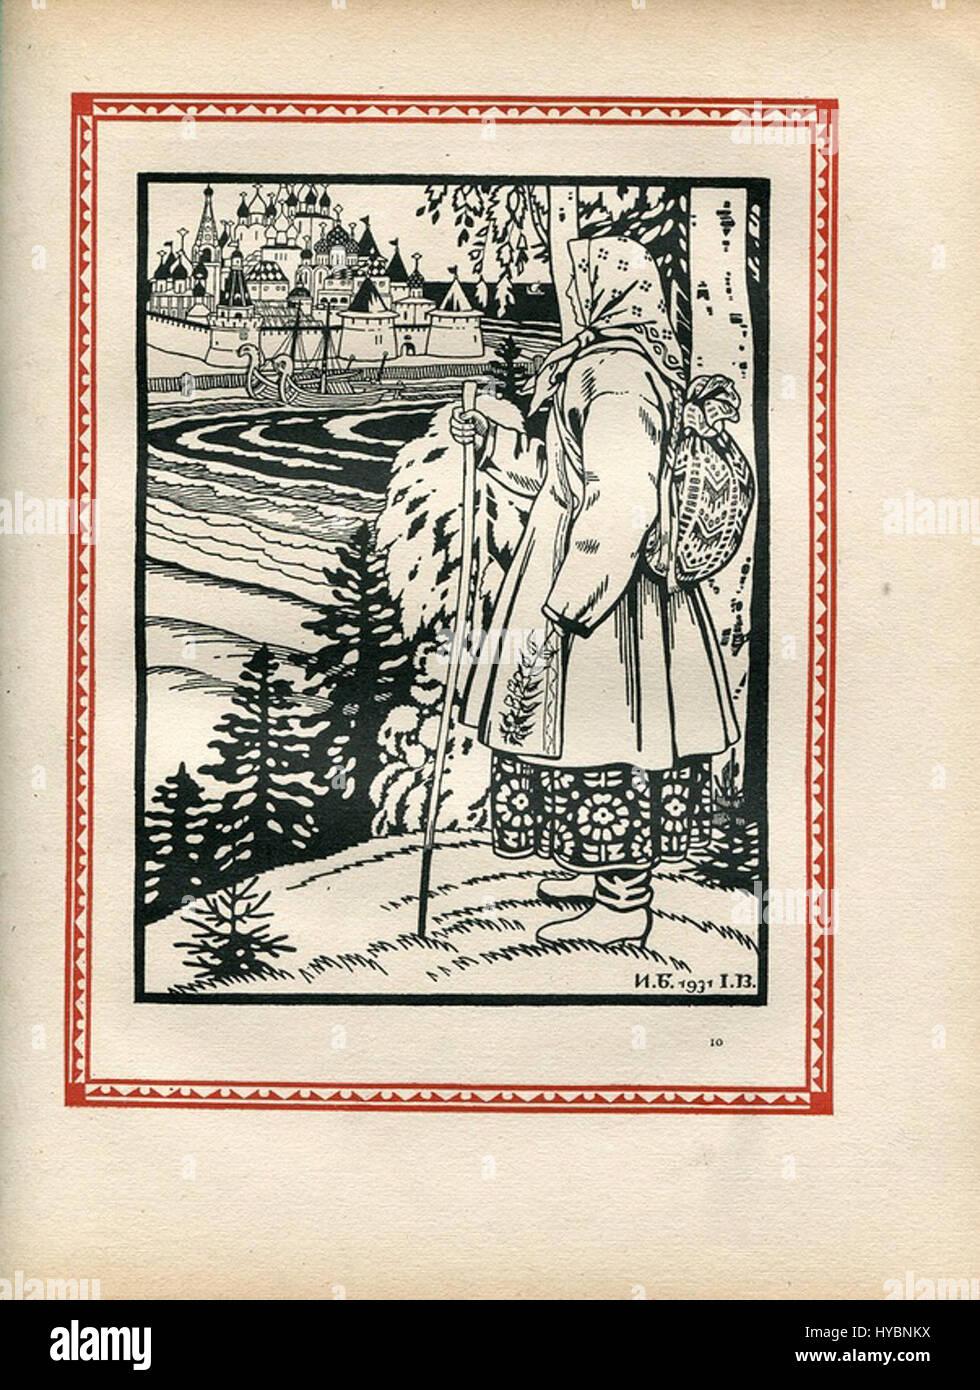 Contes de l'isba (1931)   Une plume de Finist le Beau Sokol 4 - Stock Image